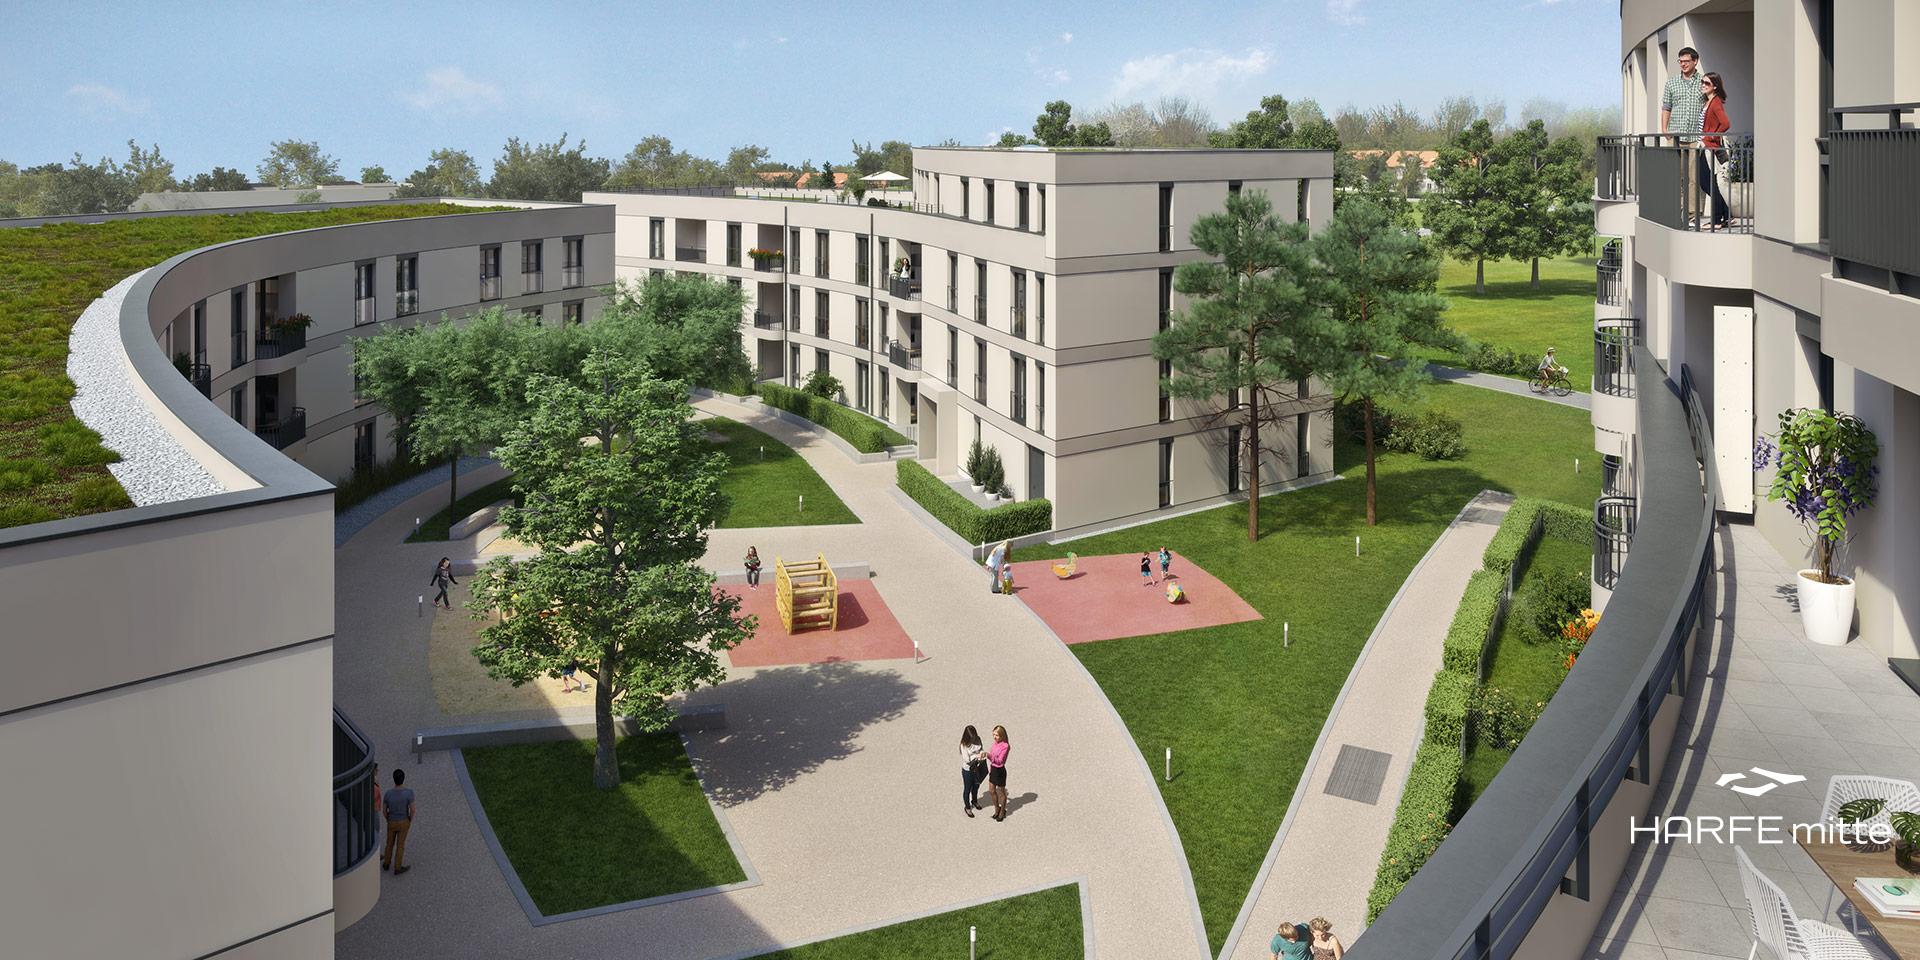 Eigentumswohnungen München: HARFE mitte